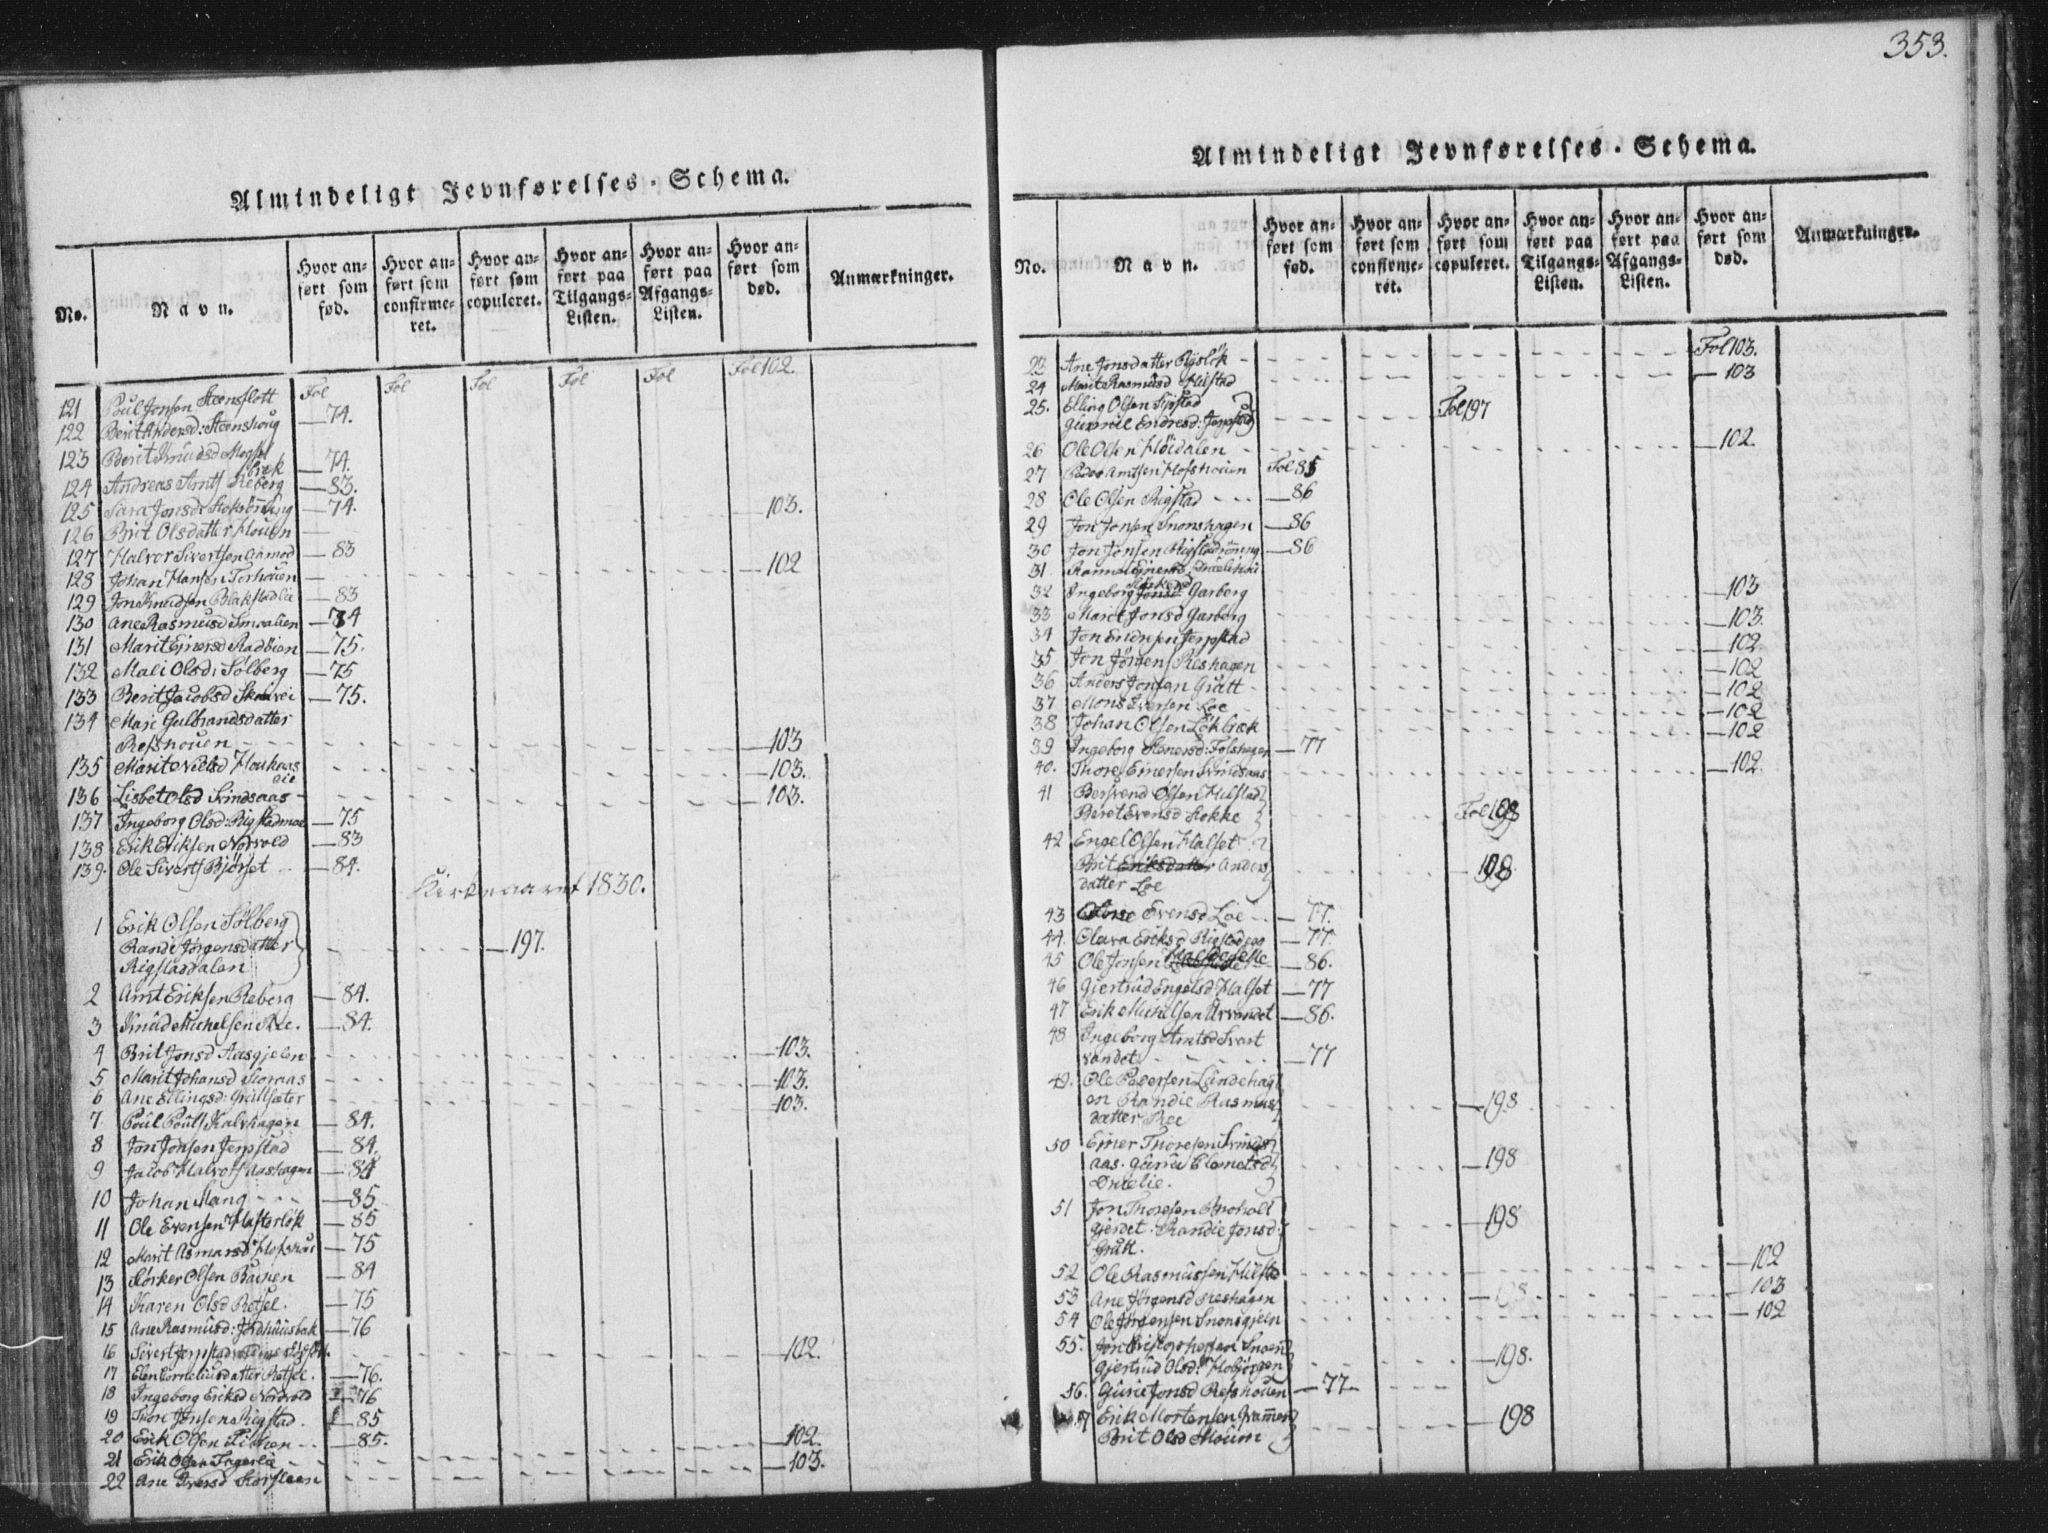 SAT, Ministerialprotokoller, klokkerbøker og fødselsregistre - Sør-Trøndelag, 672/L0862: Klokkerbok nr. 672C01, 1816-1831, s. 353